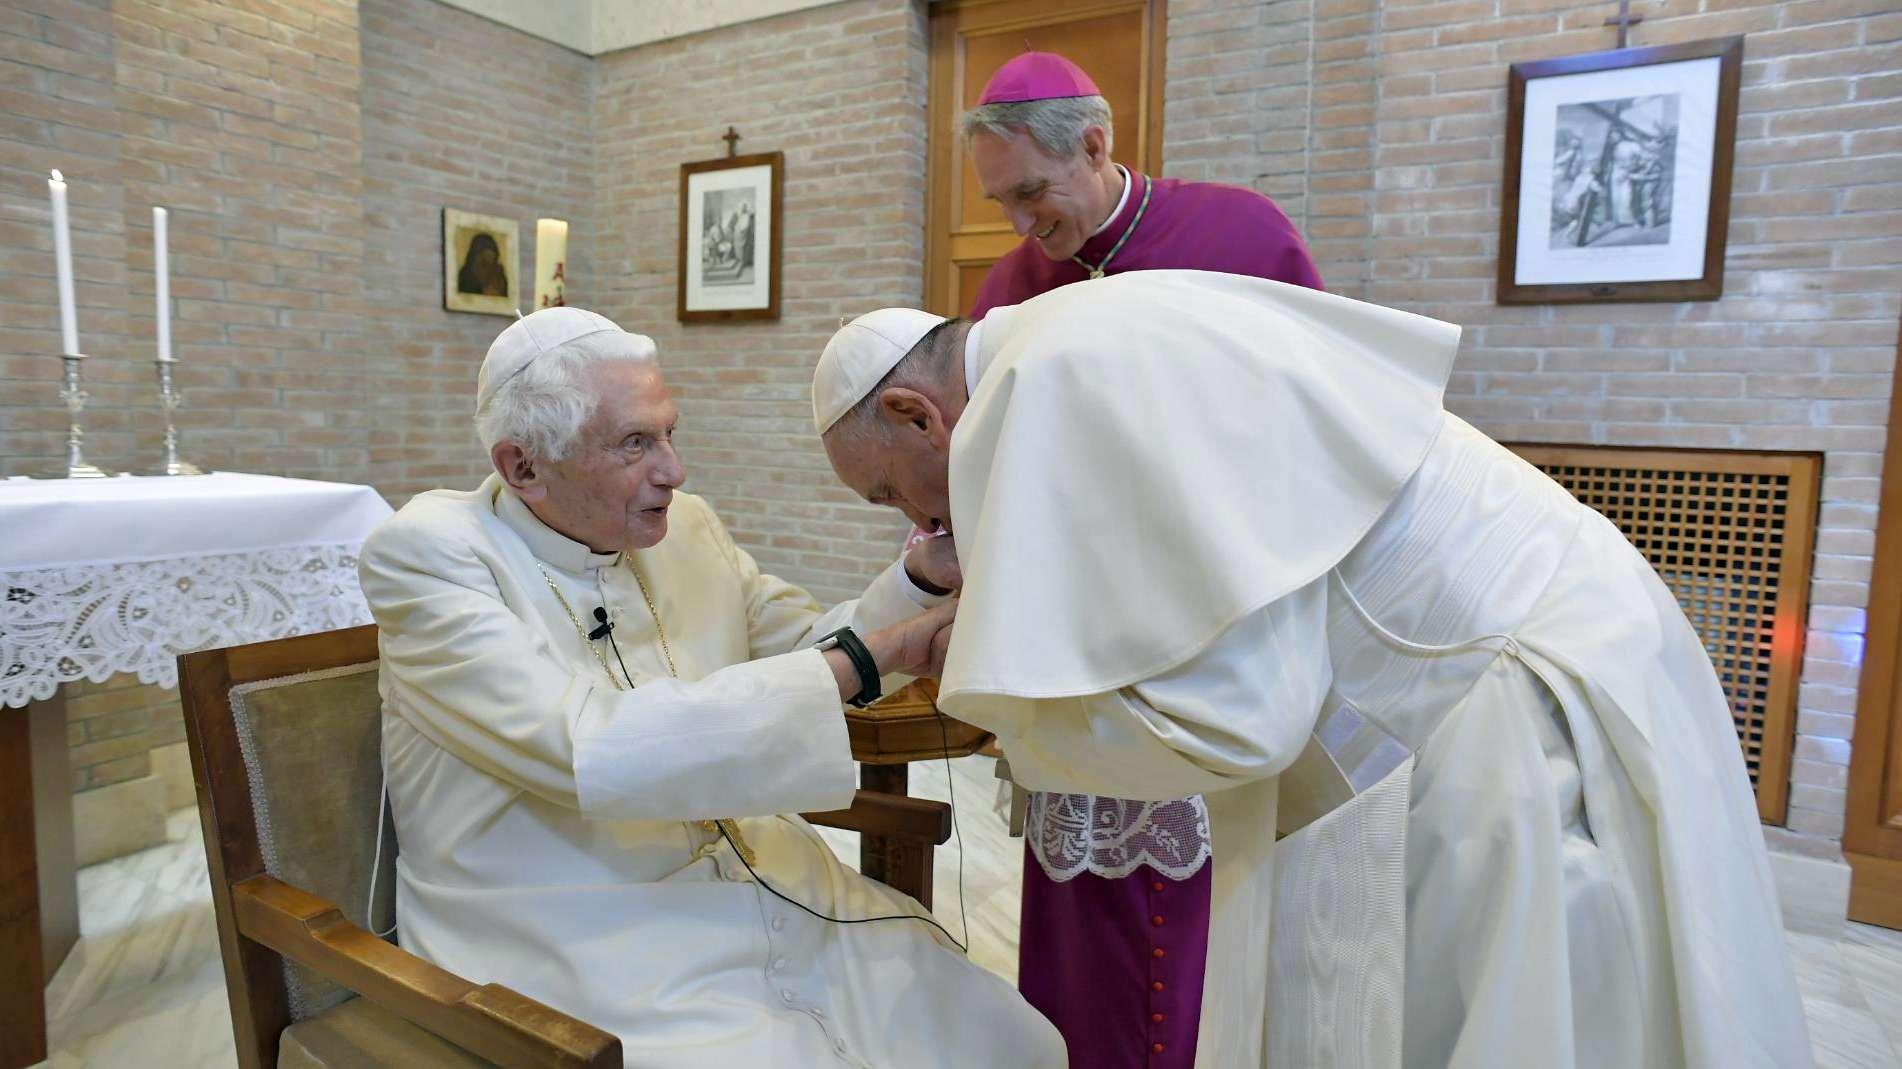 Papst Franziskus (r.) besucht seinen Vorgänger Benedikt XVI. und küsst ihm dabei die Hand. Im Hintergrund steht Georg Gänswein.